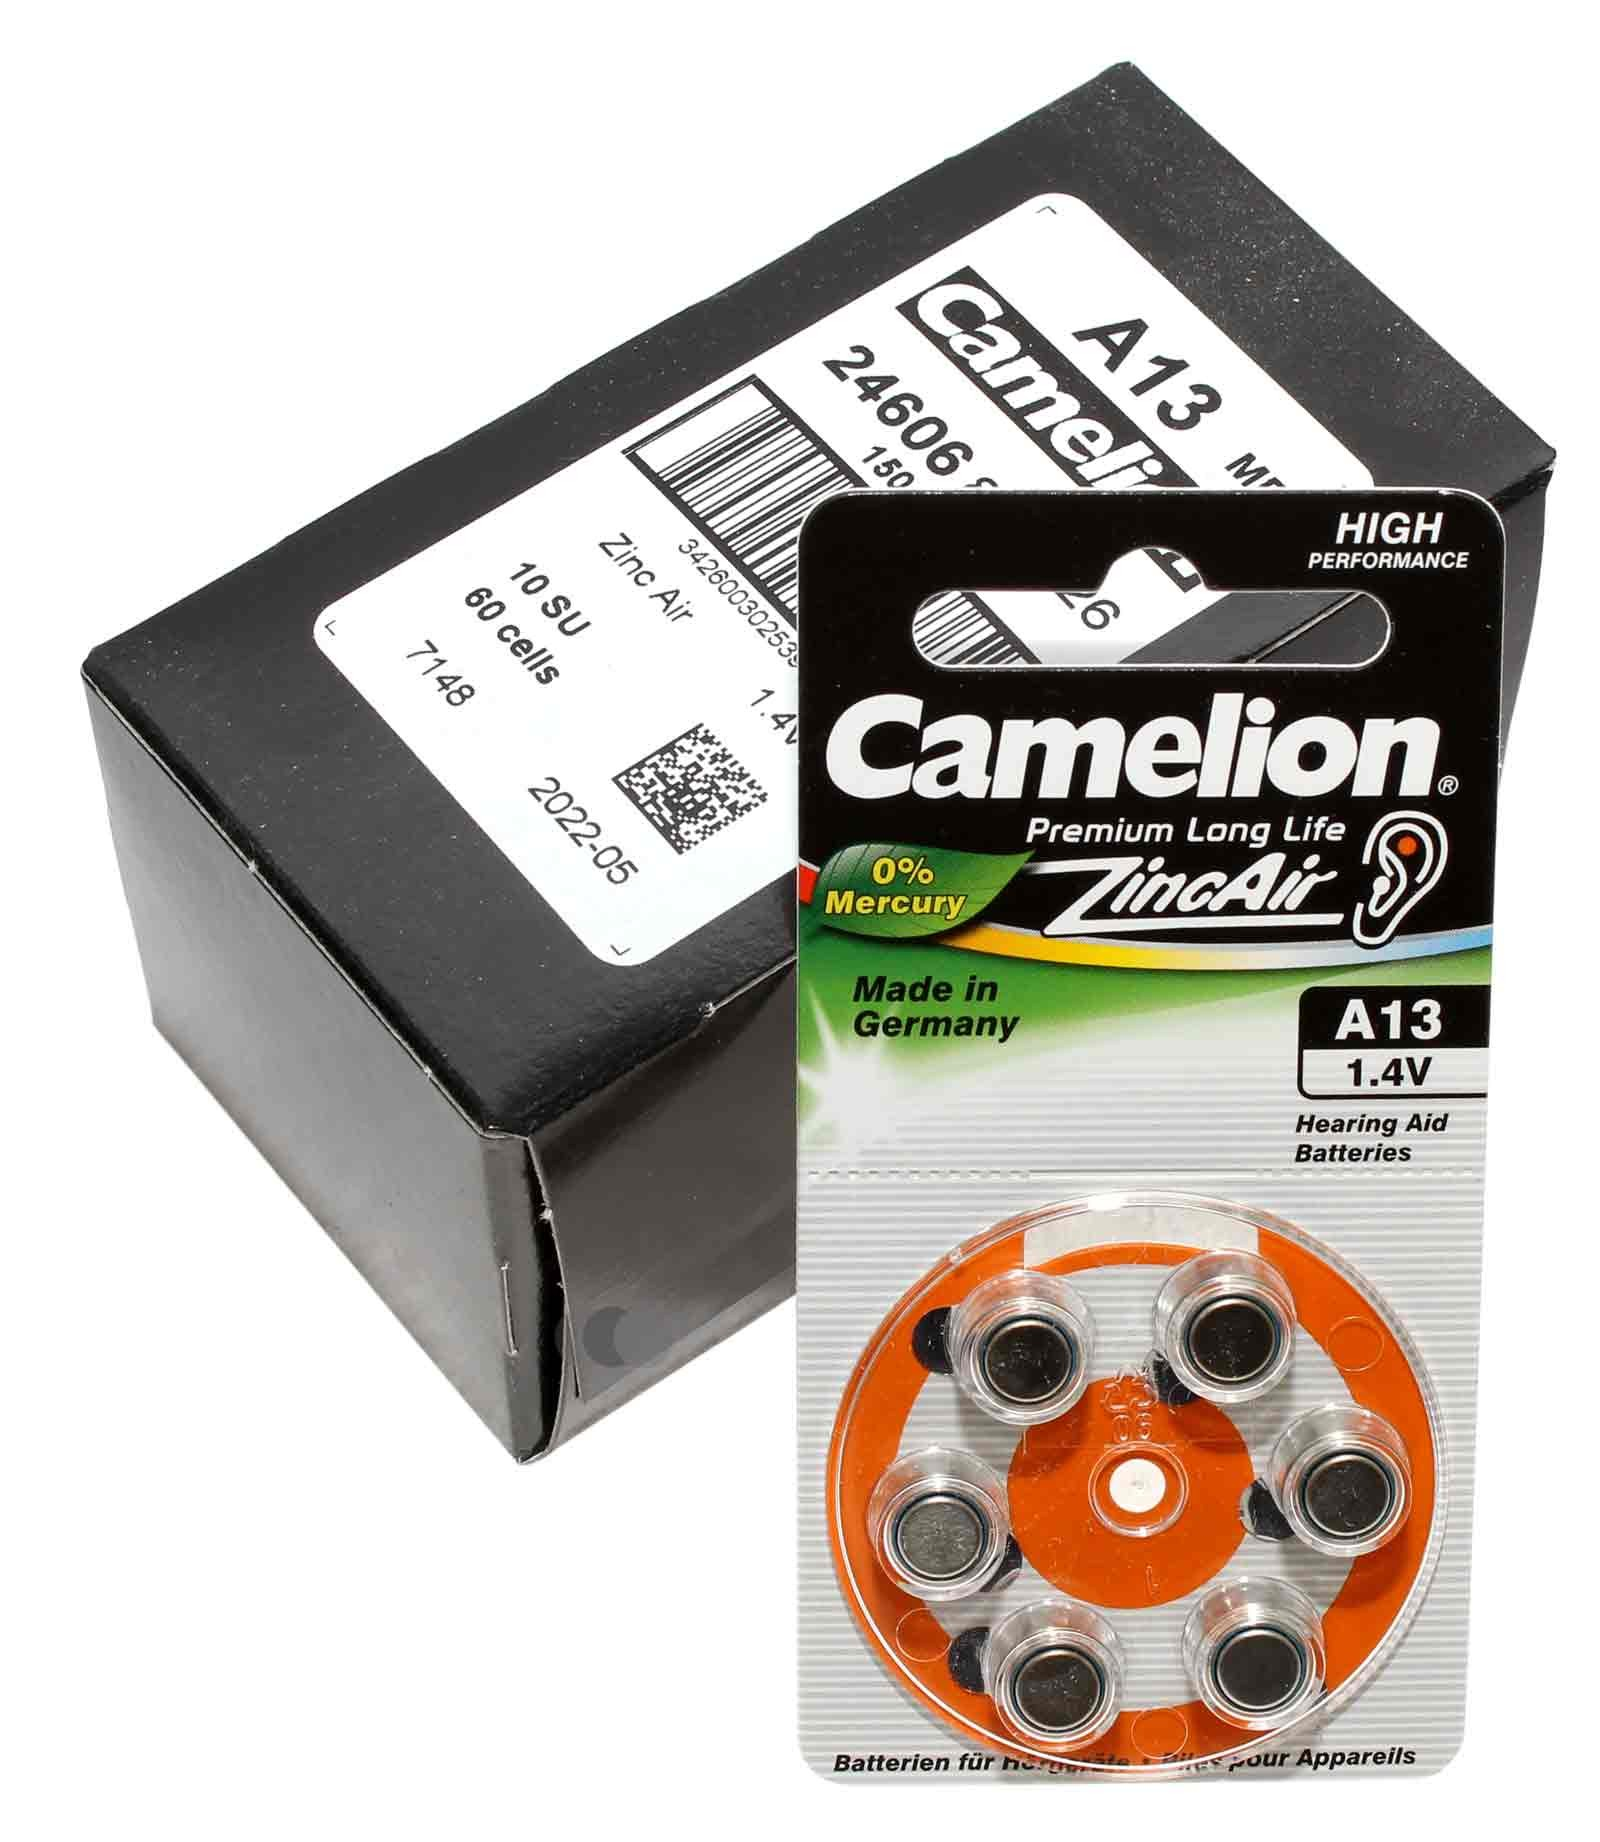 60 Stück Camelion Knopfzelle (Batterie) A312, PR41, [A312-BP6], für Hörgeräte (hearing aid / appareils auditifs), Zink-Luft mit 1,4V und 160mAh